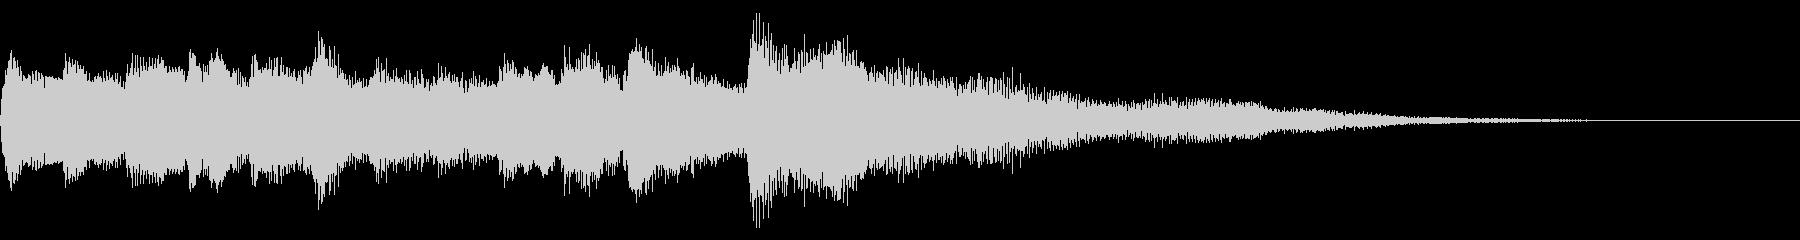 クリーンギターのアルペジオ 場面転換の未再生の波形